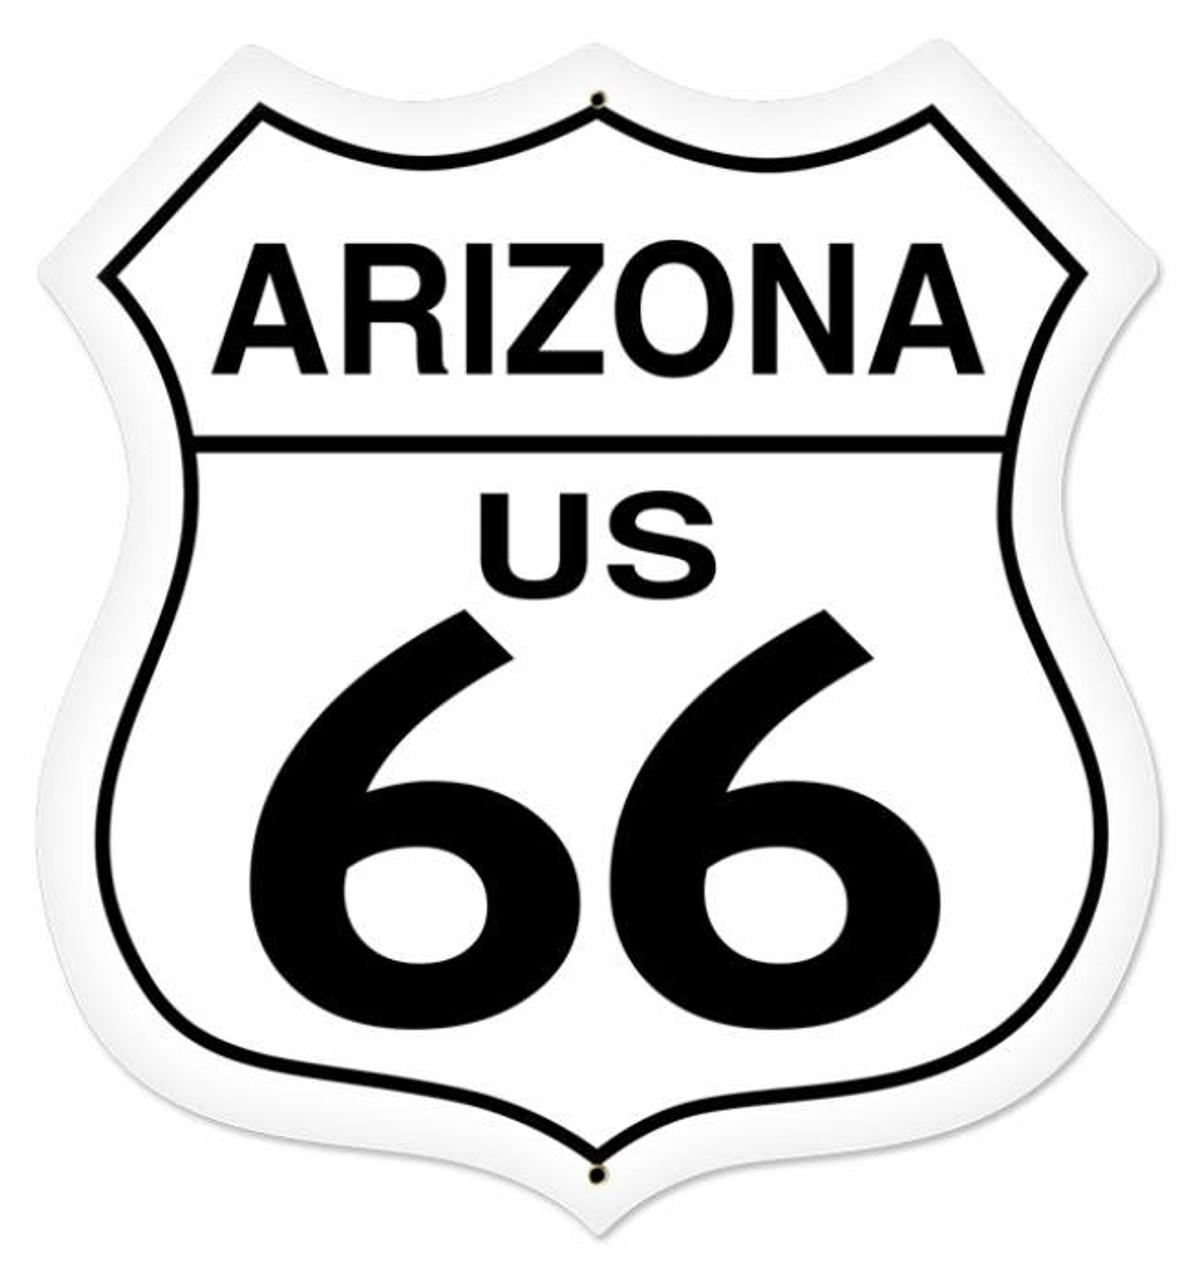 Retro Arizona Route 66 Shield Metal Sign 28 x 28 Inches